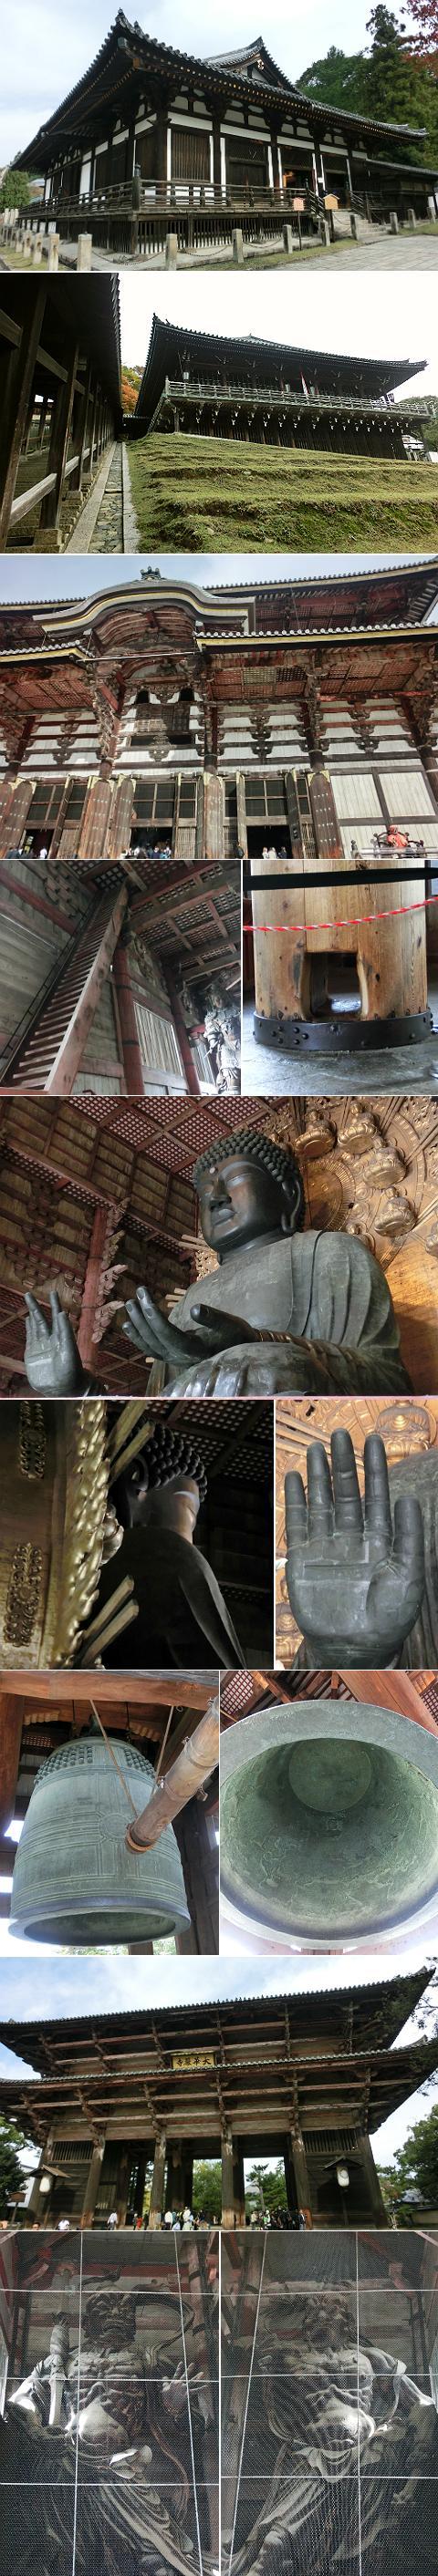 奈良公園周辺 東大寺